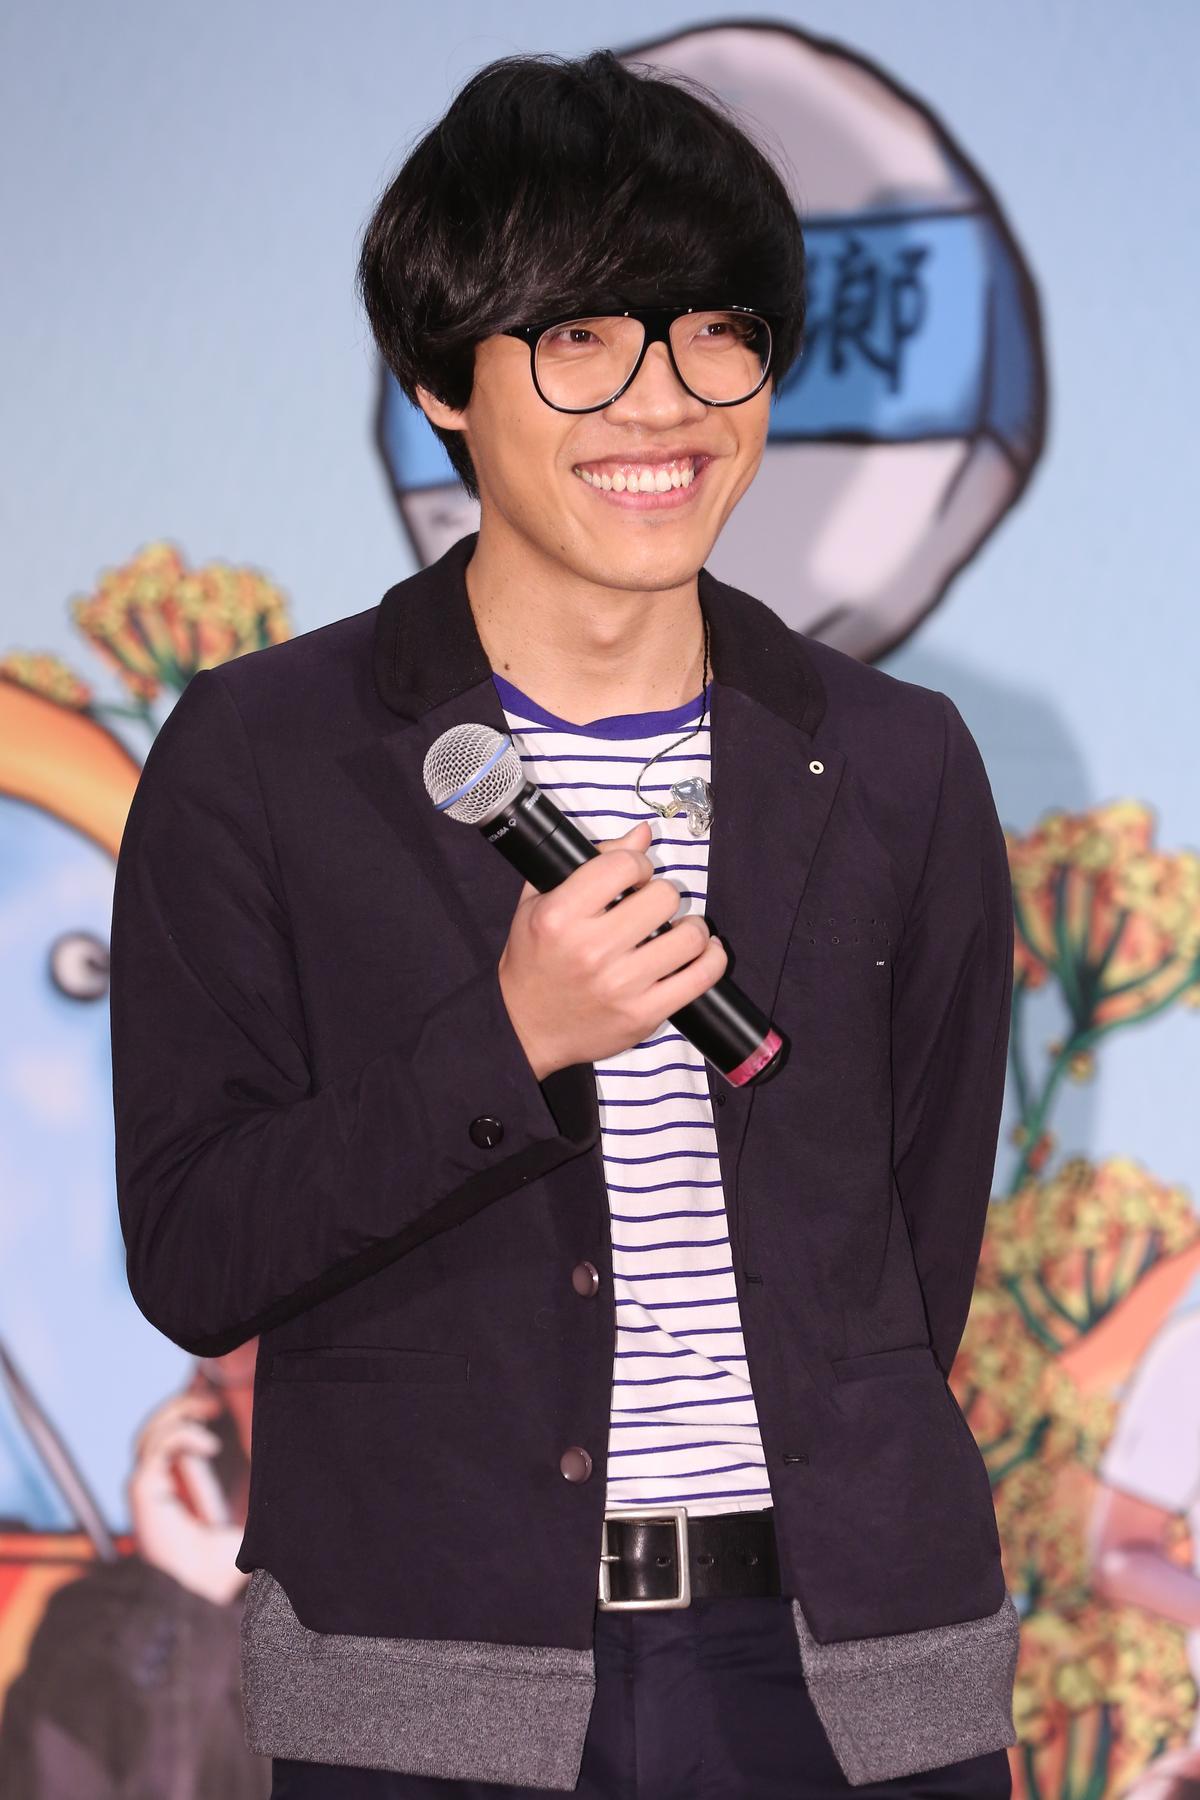 音樂人盧廣仲第一次參演電視劇《花甲男孩轉大人》演出,最不習慣是要背對白。